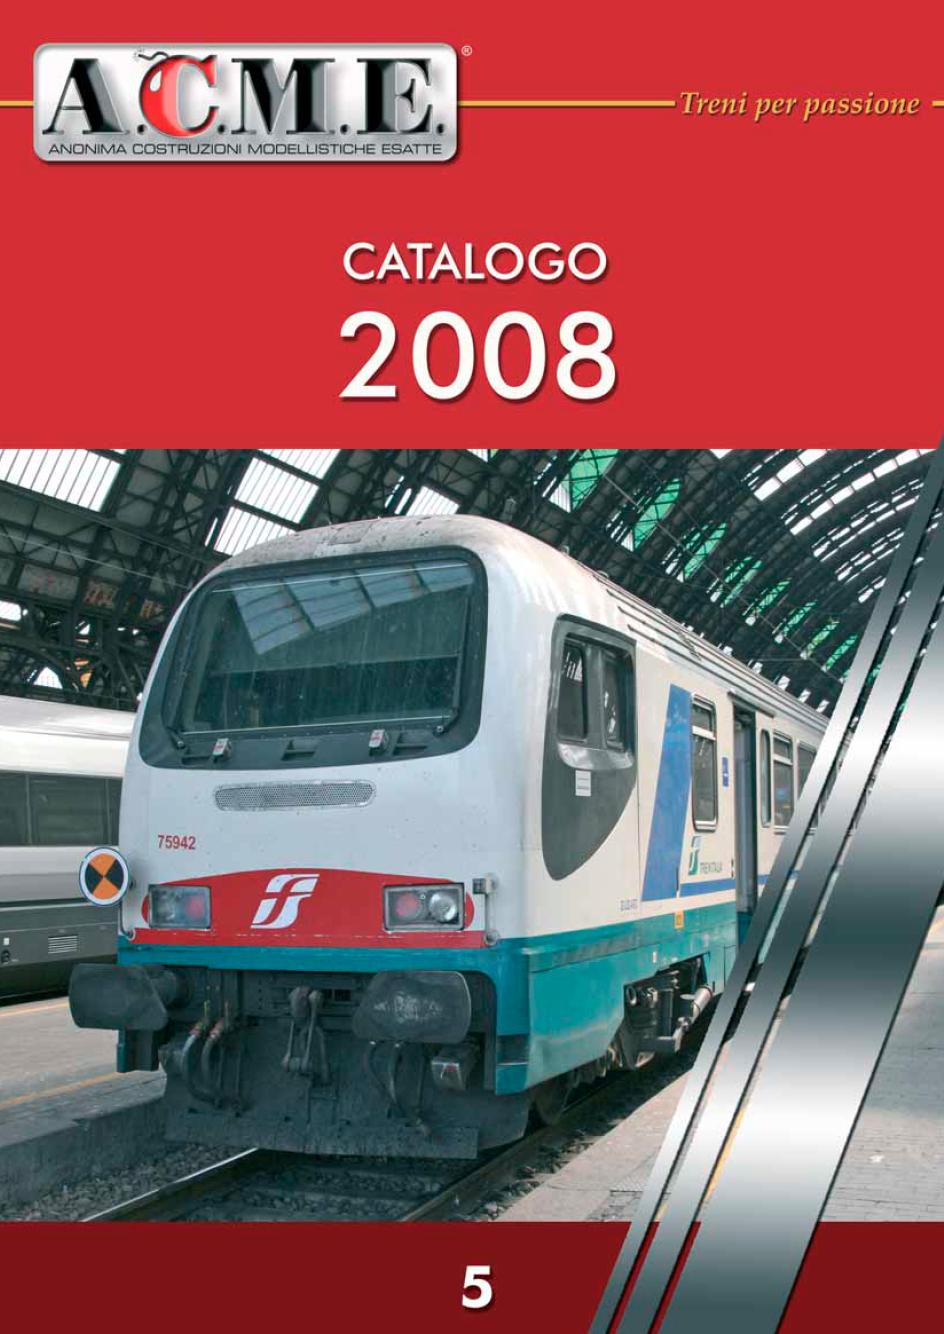 A.C.M.E - Catalog 2008